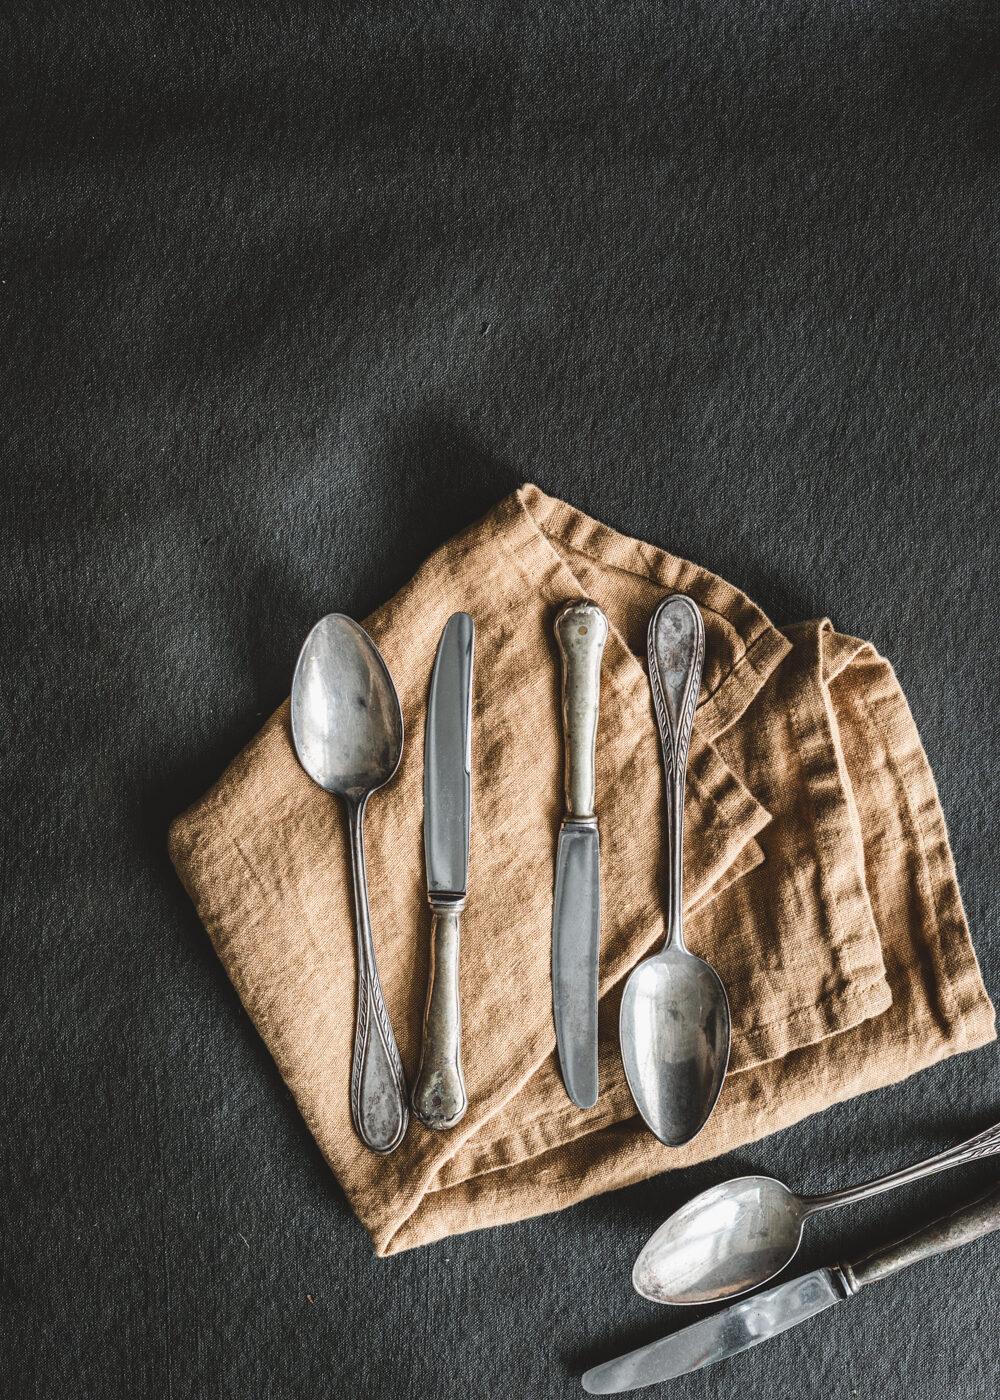 lusikka ja veitsi-setti